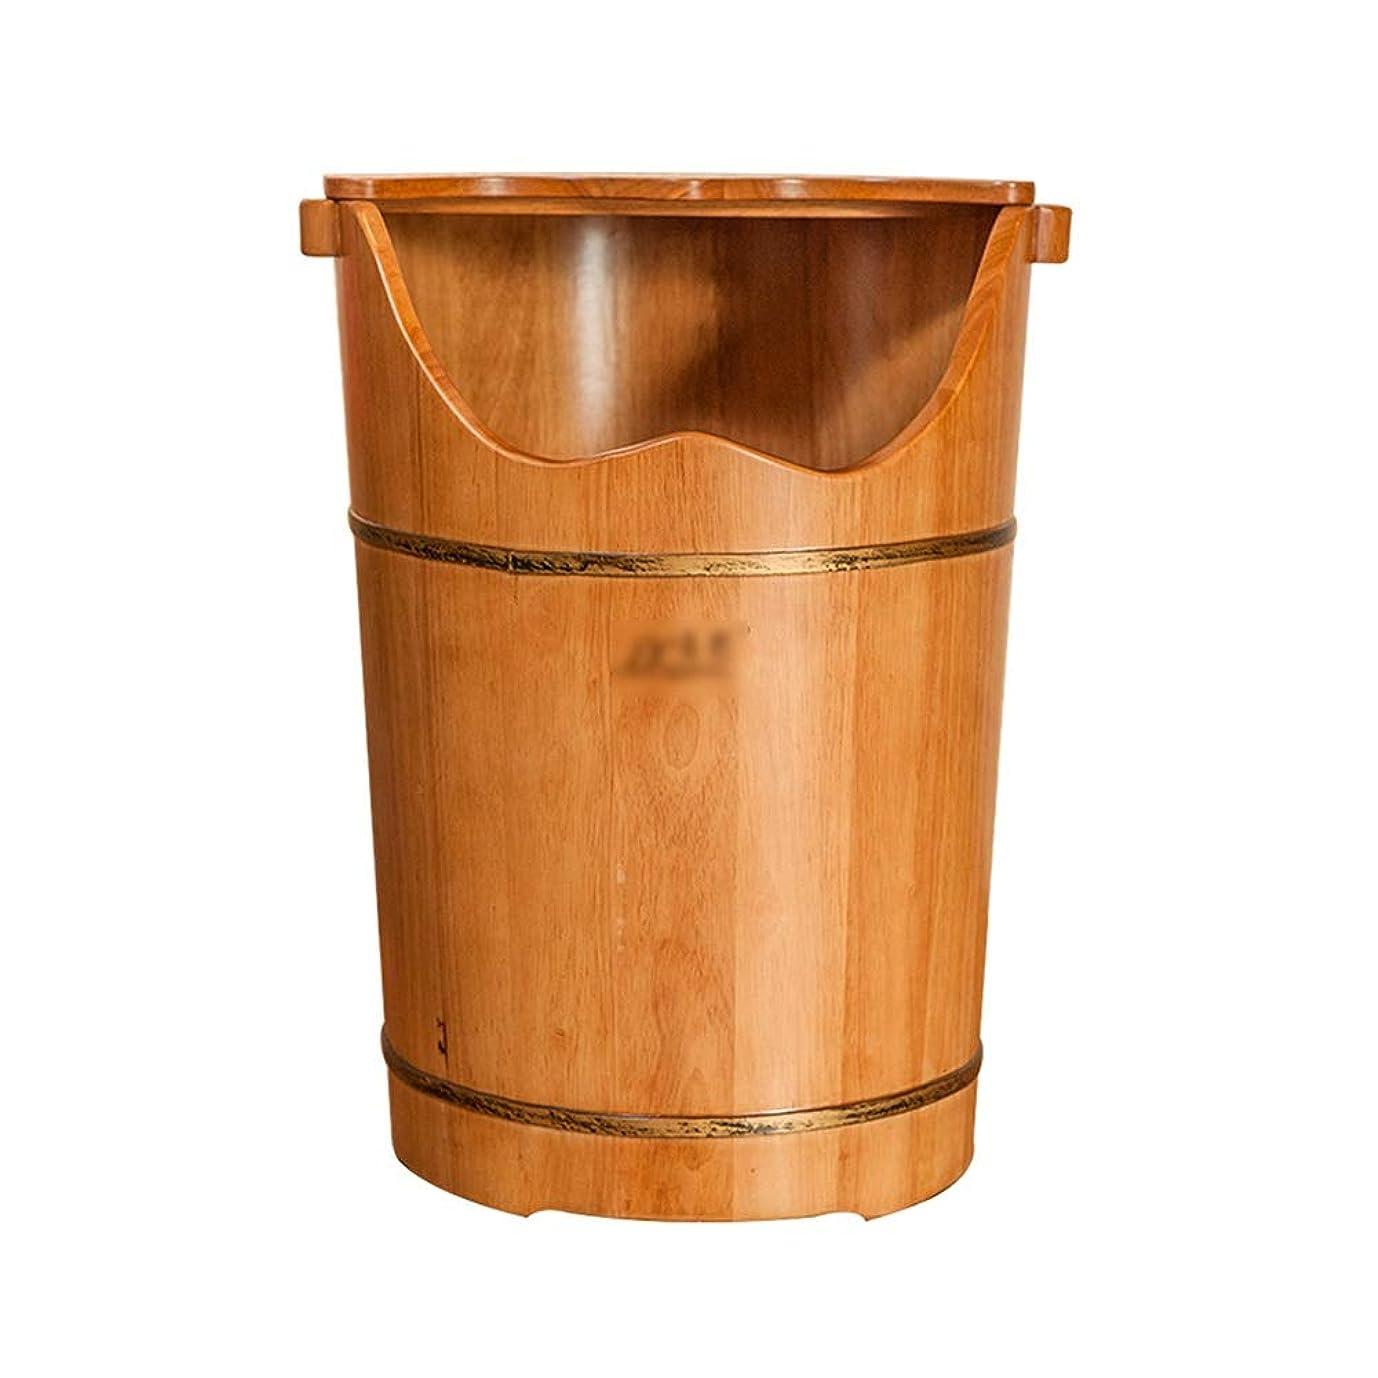 肺炎洋服預言者LJHA 木製フットバス用バケツ - フタフットマッサージ洗面器で60cm / 23.6インチの高さ 足浴槽